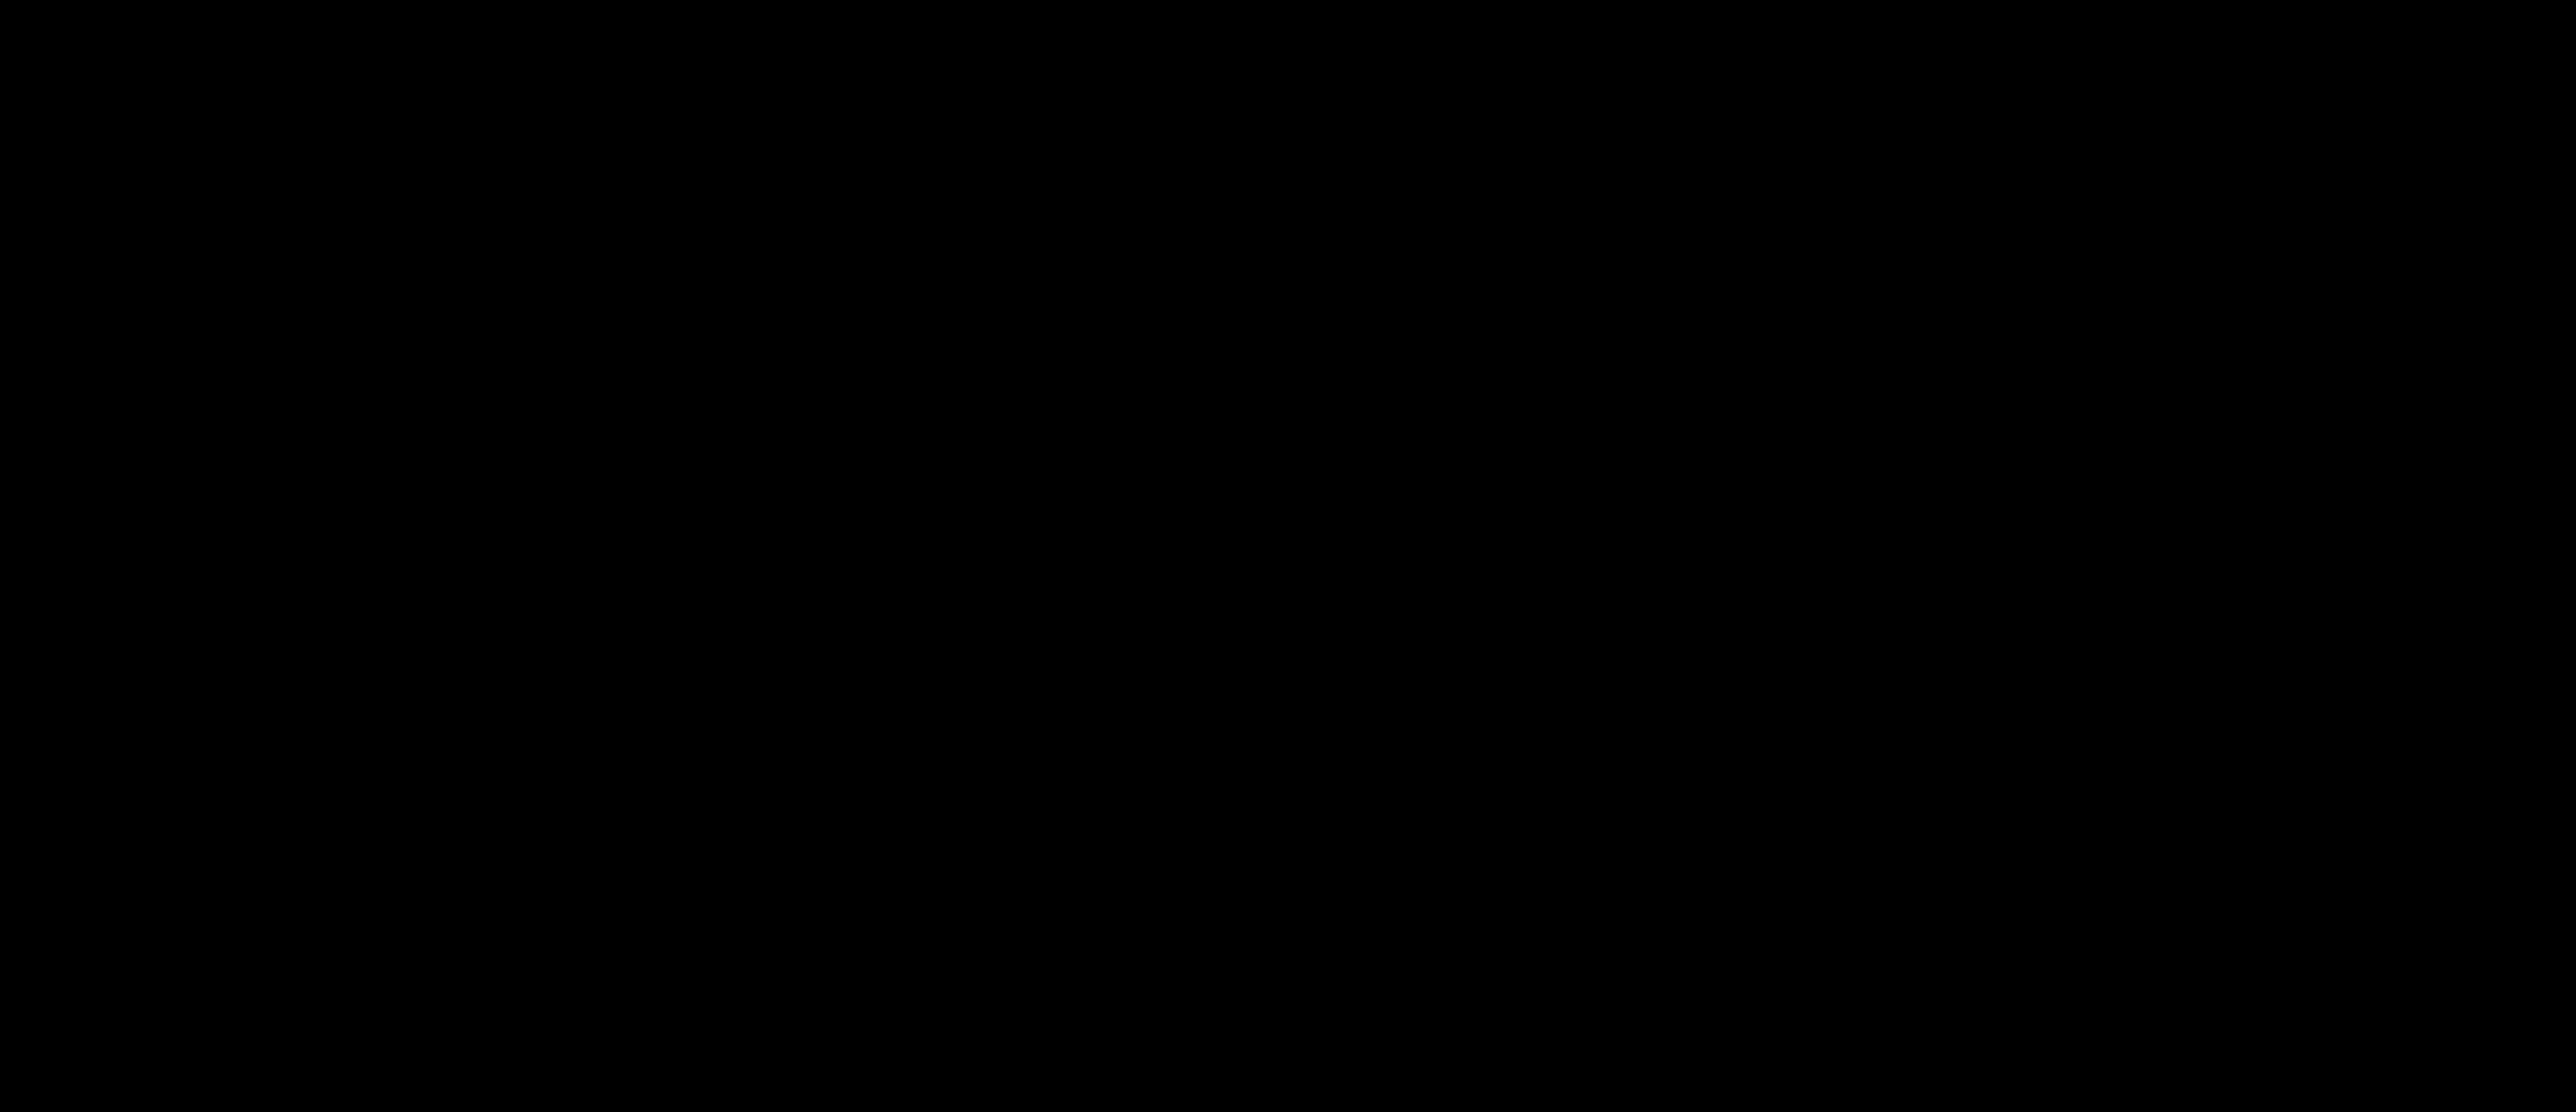 sipgate company logo